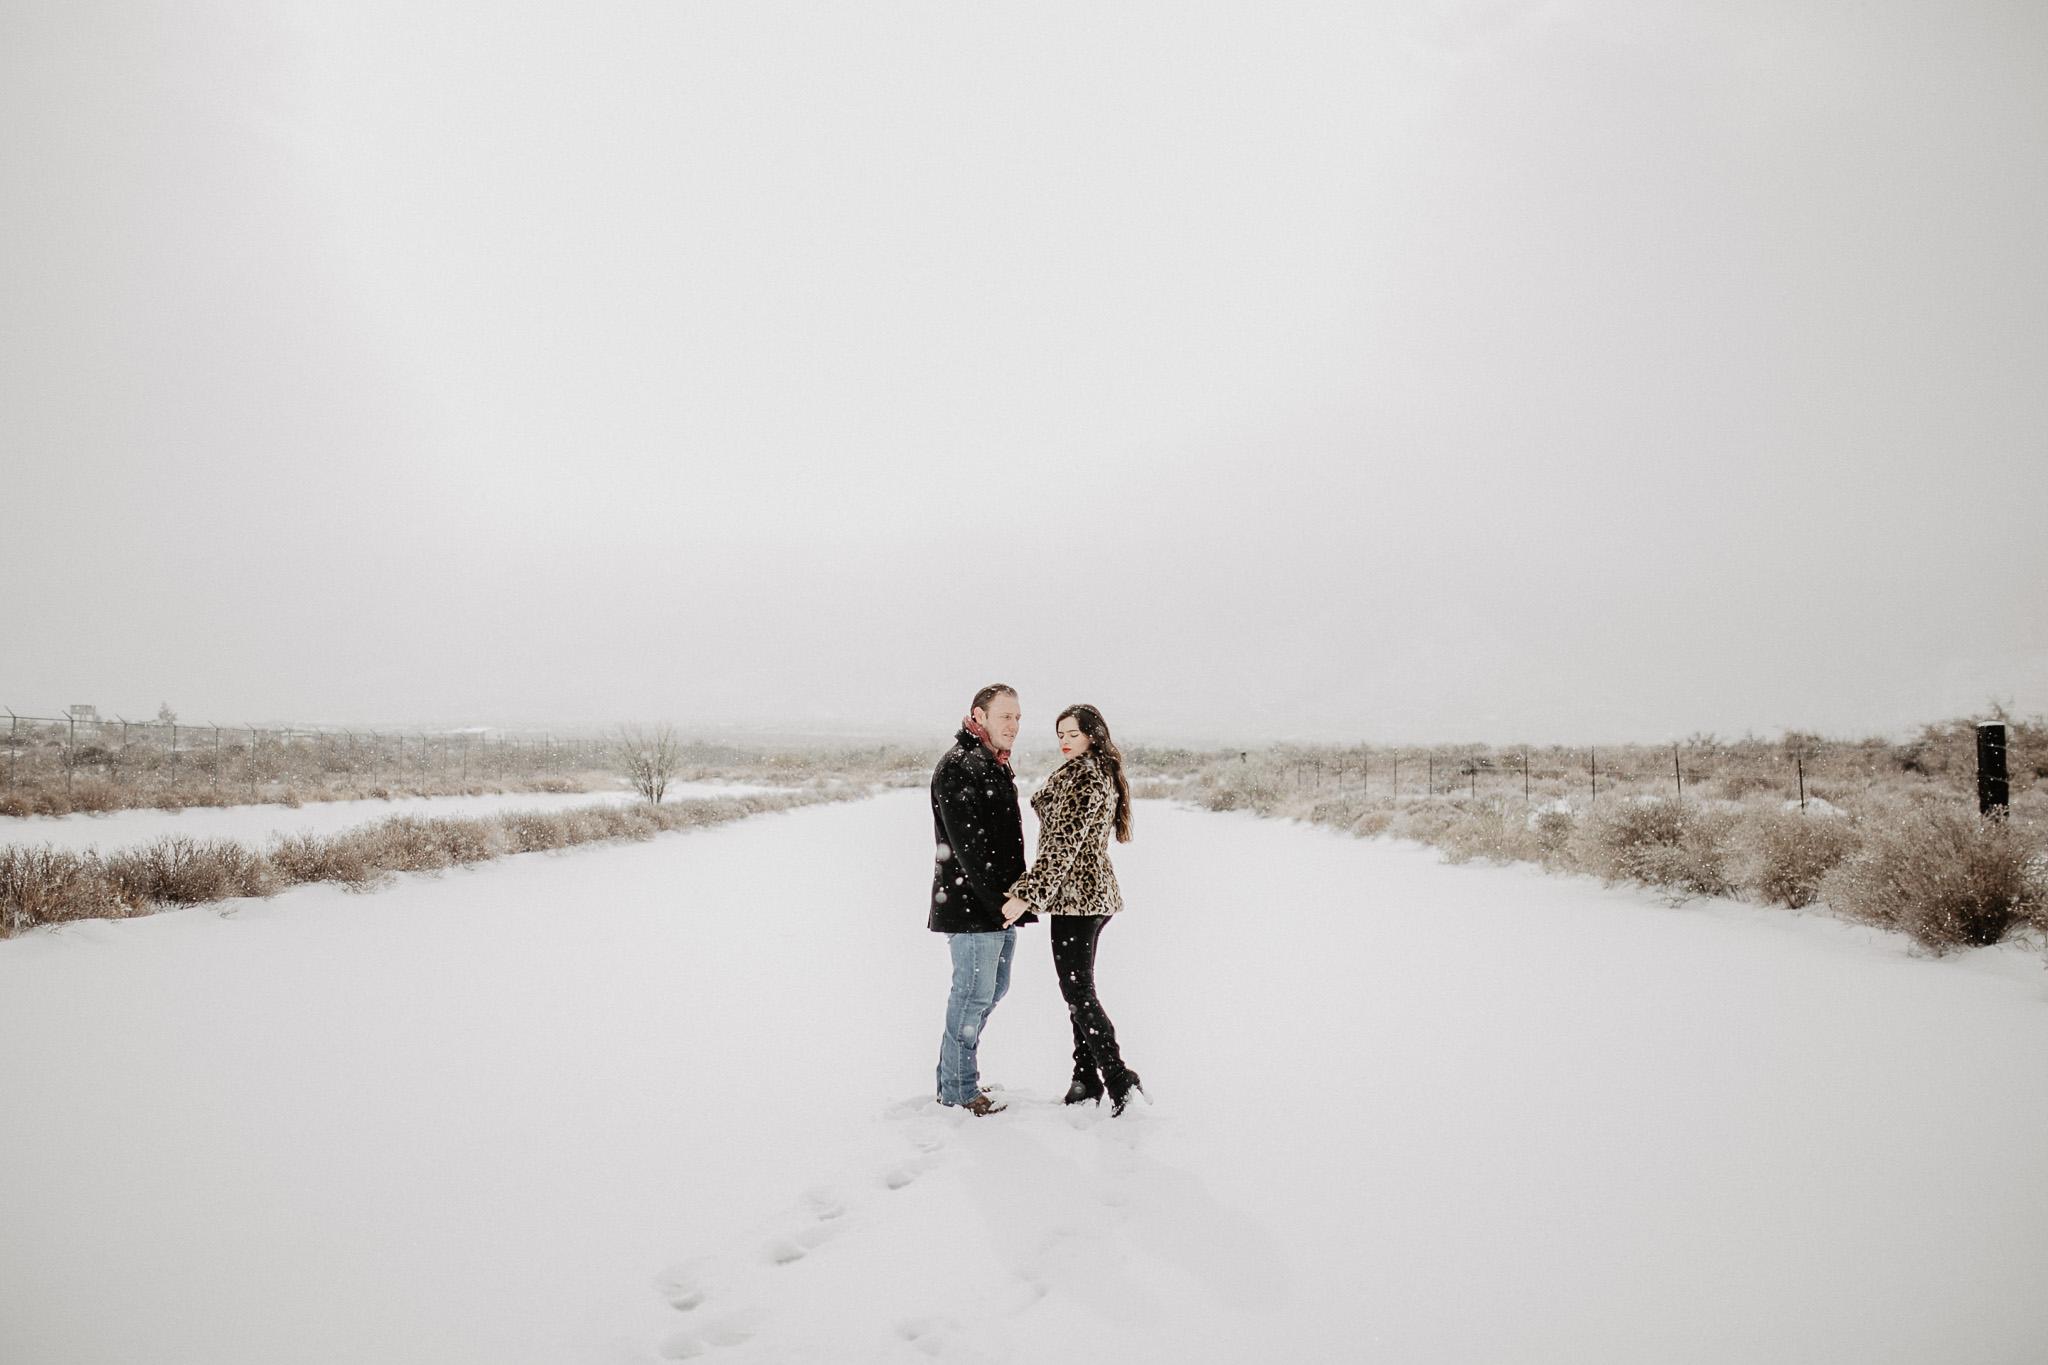 sesion-en-la-nieve-IMG_3028.jpg